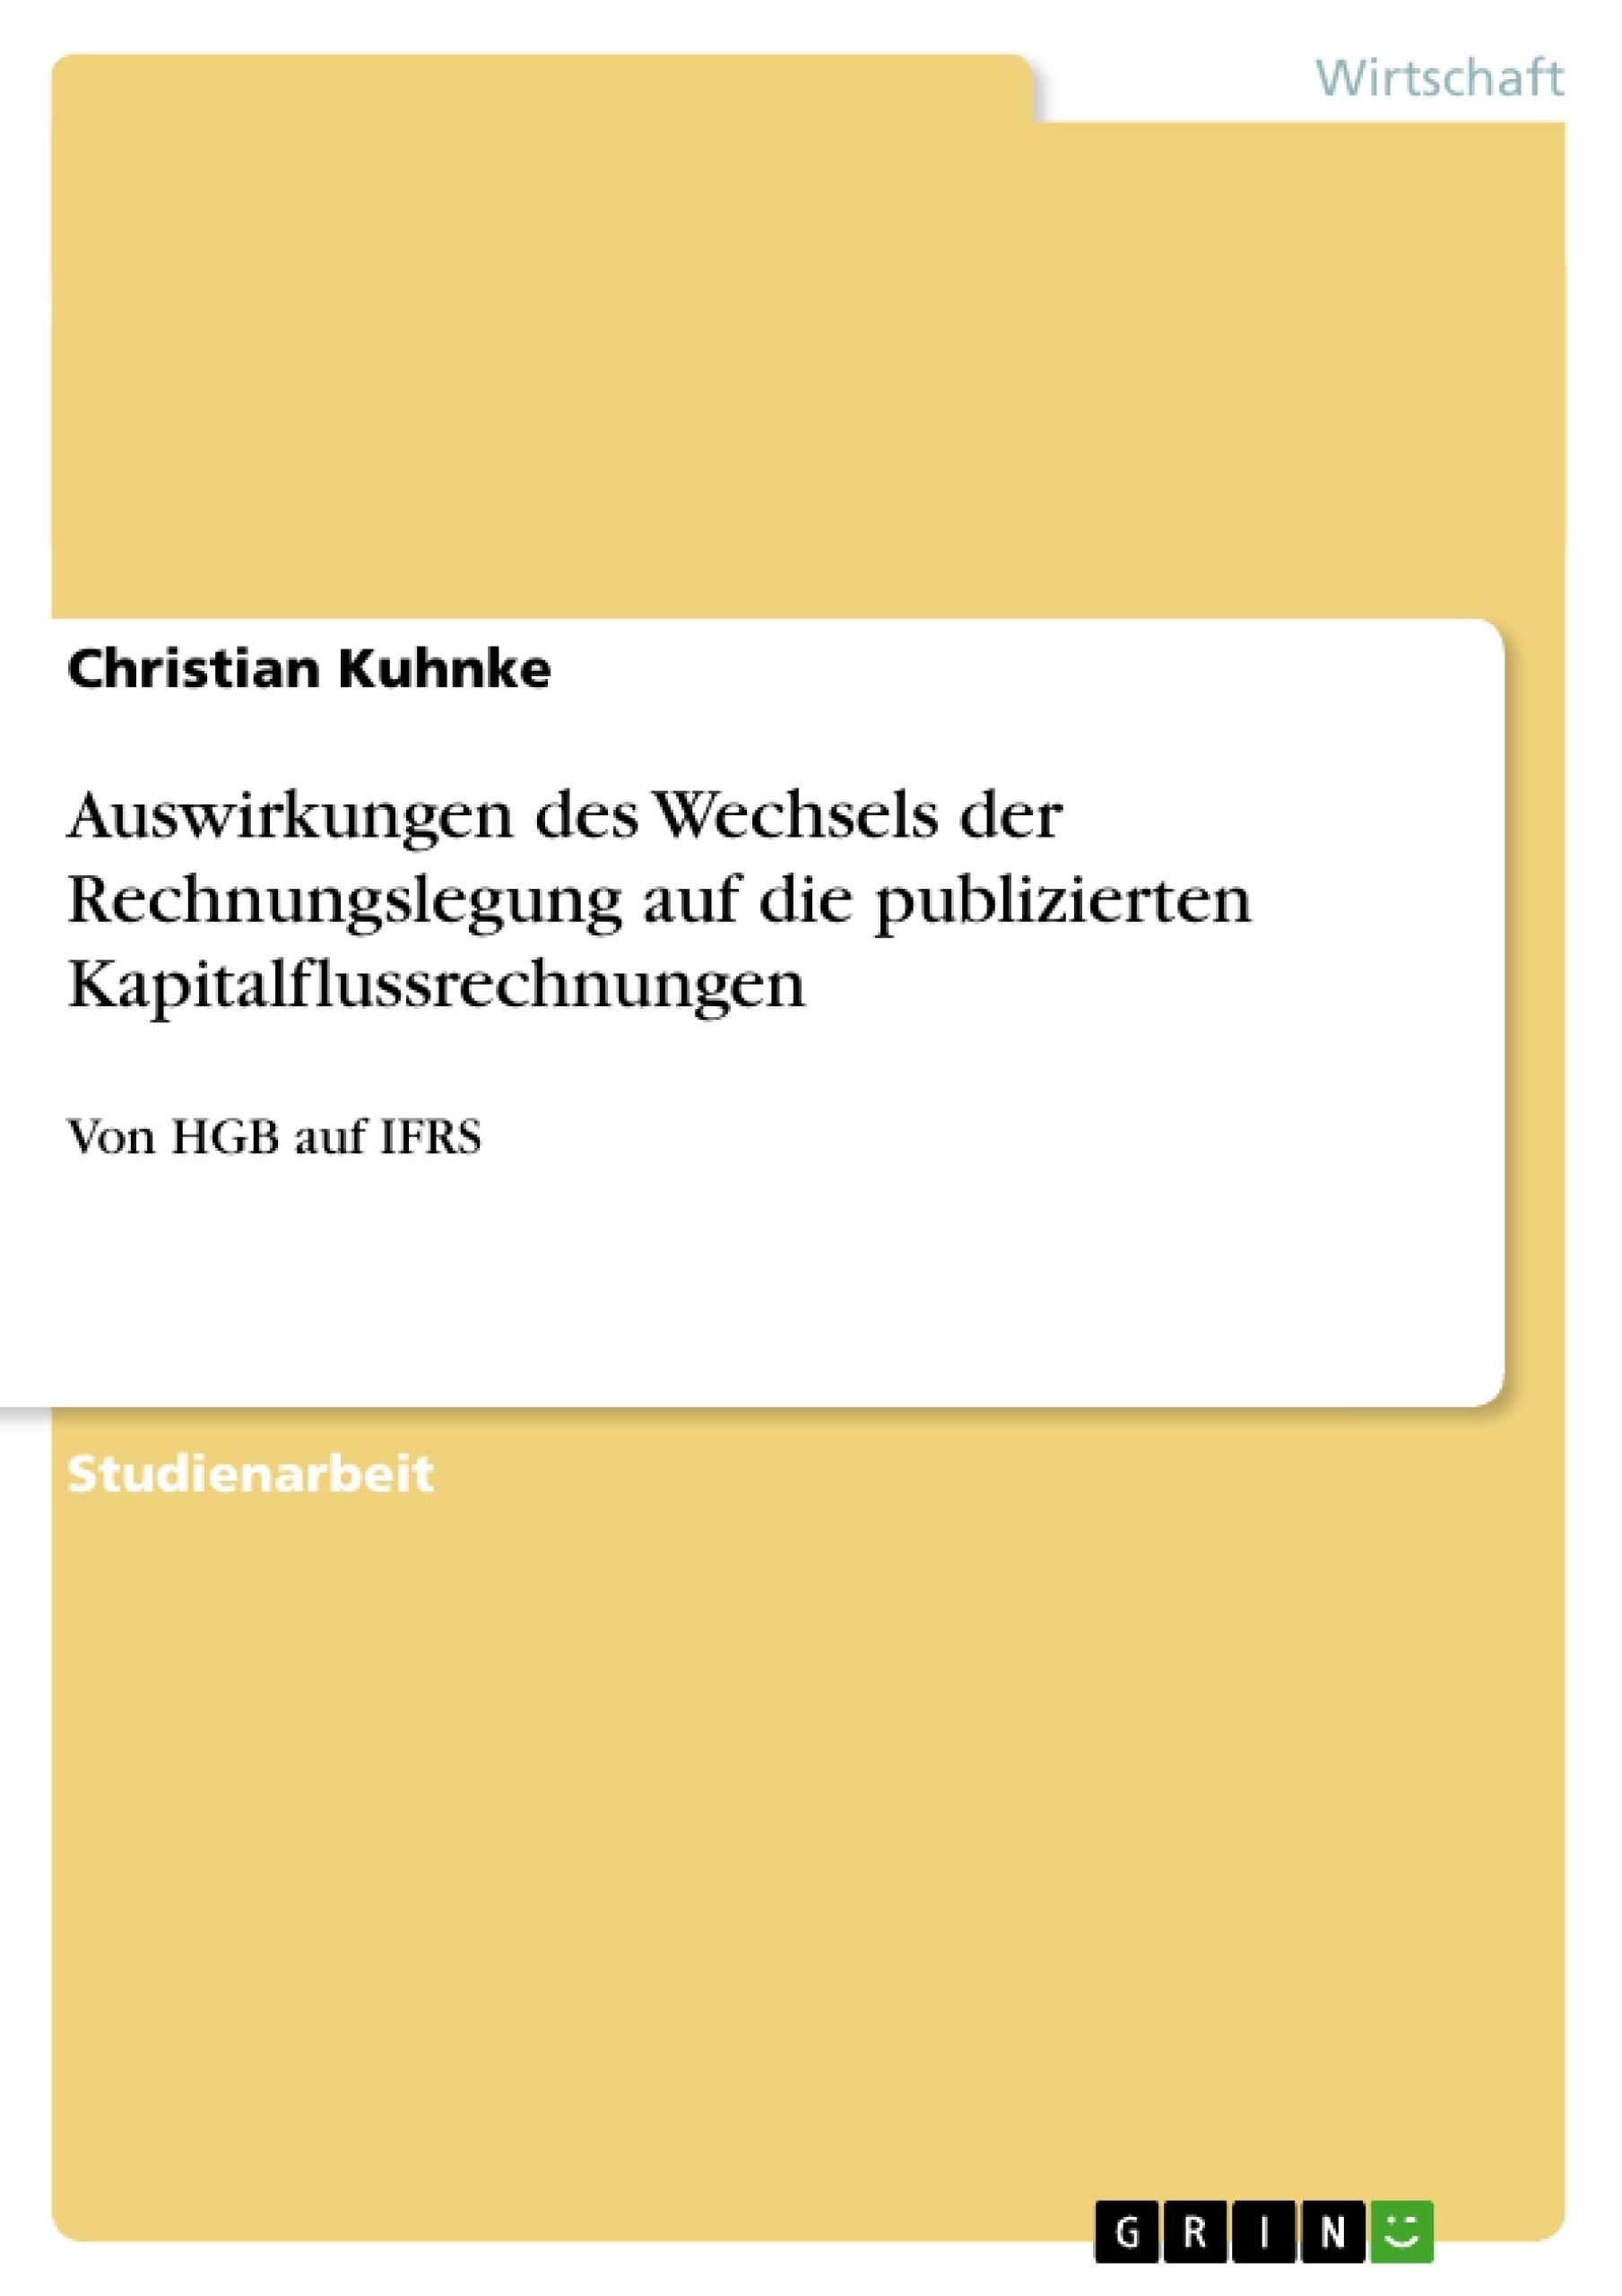 Titel: Auswirkungen des Wechsels der Rechnungslegung auf die publizierten Kapitalflussrechnungen